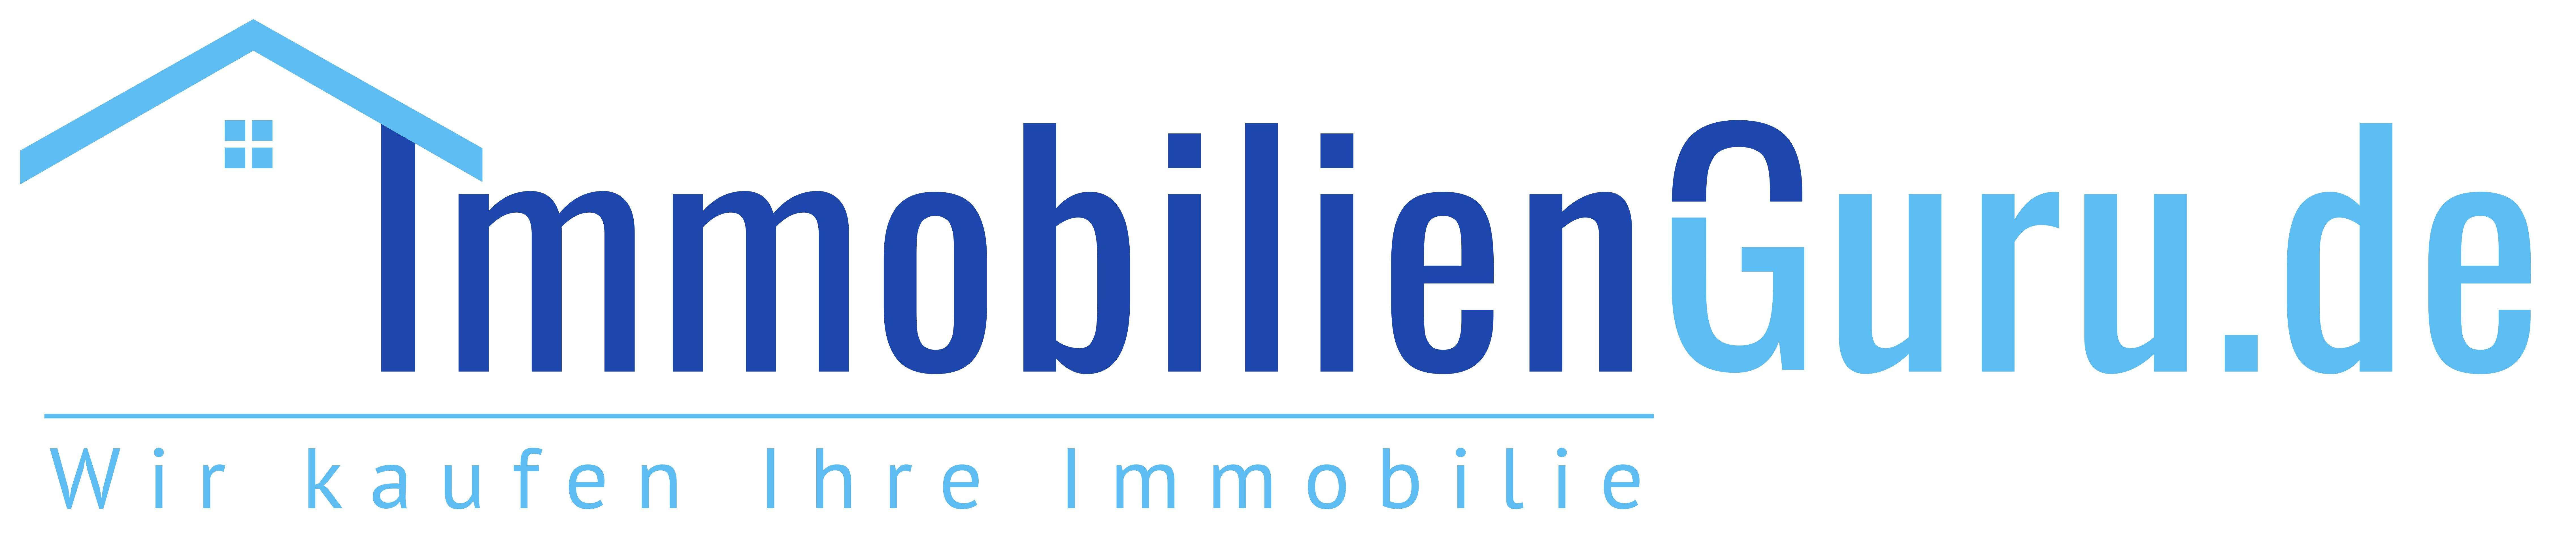 R.E.S. Immobilien Netzwerk GmbH